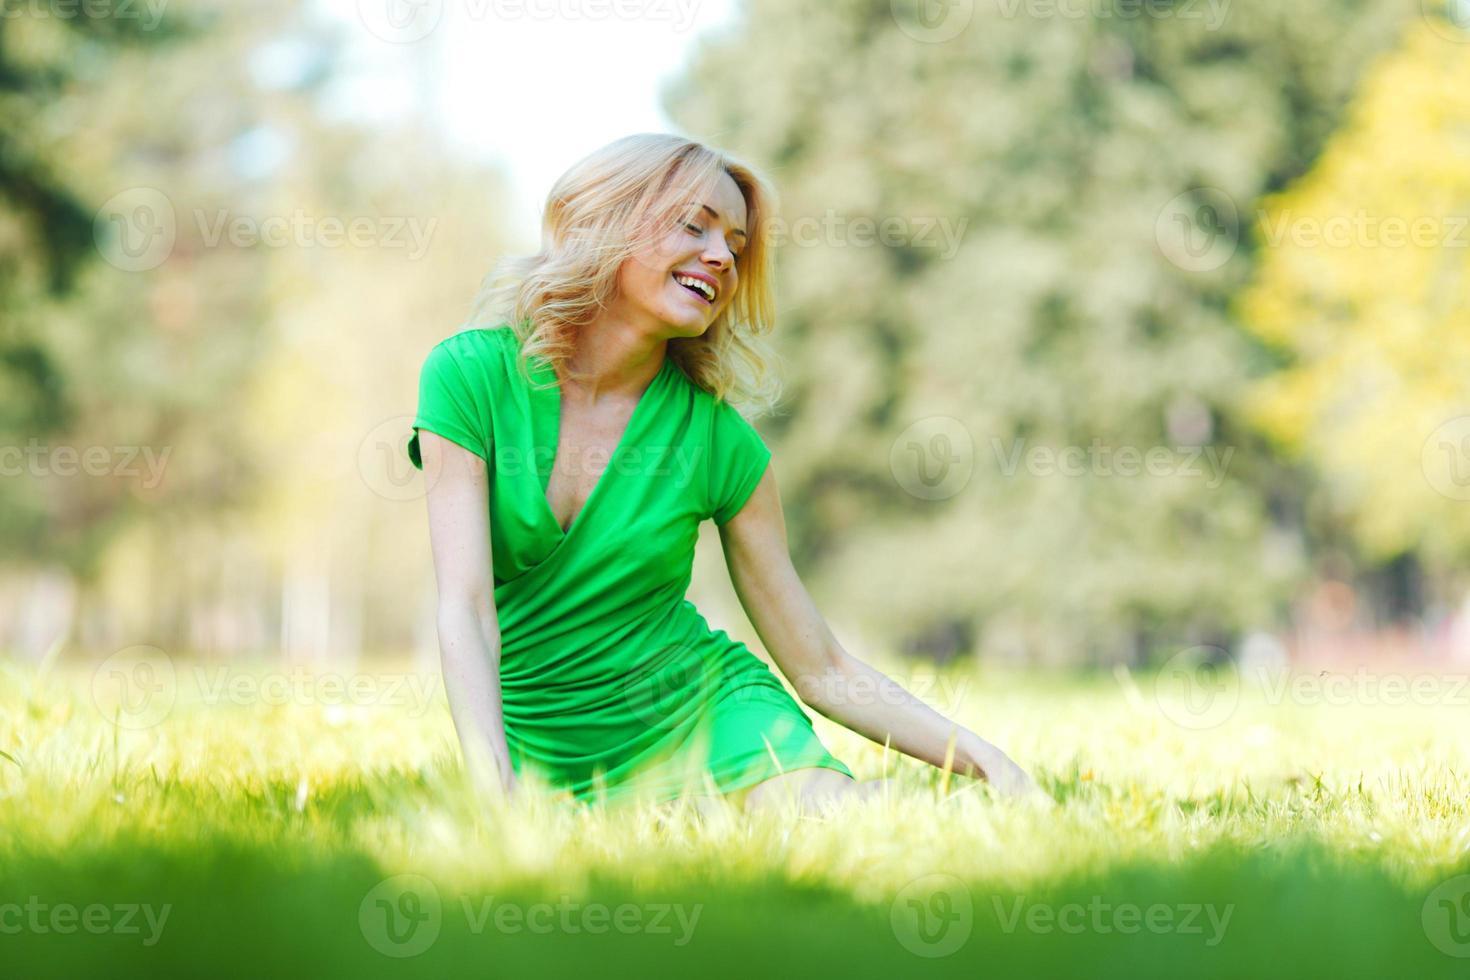 donna seduta sull'erba foto